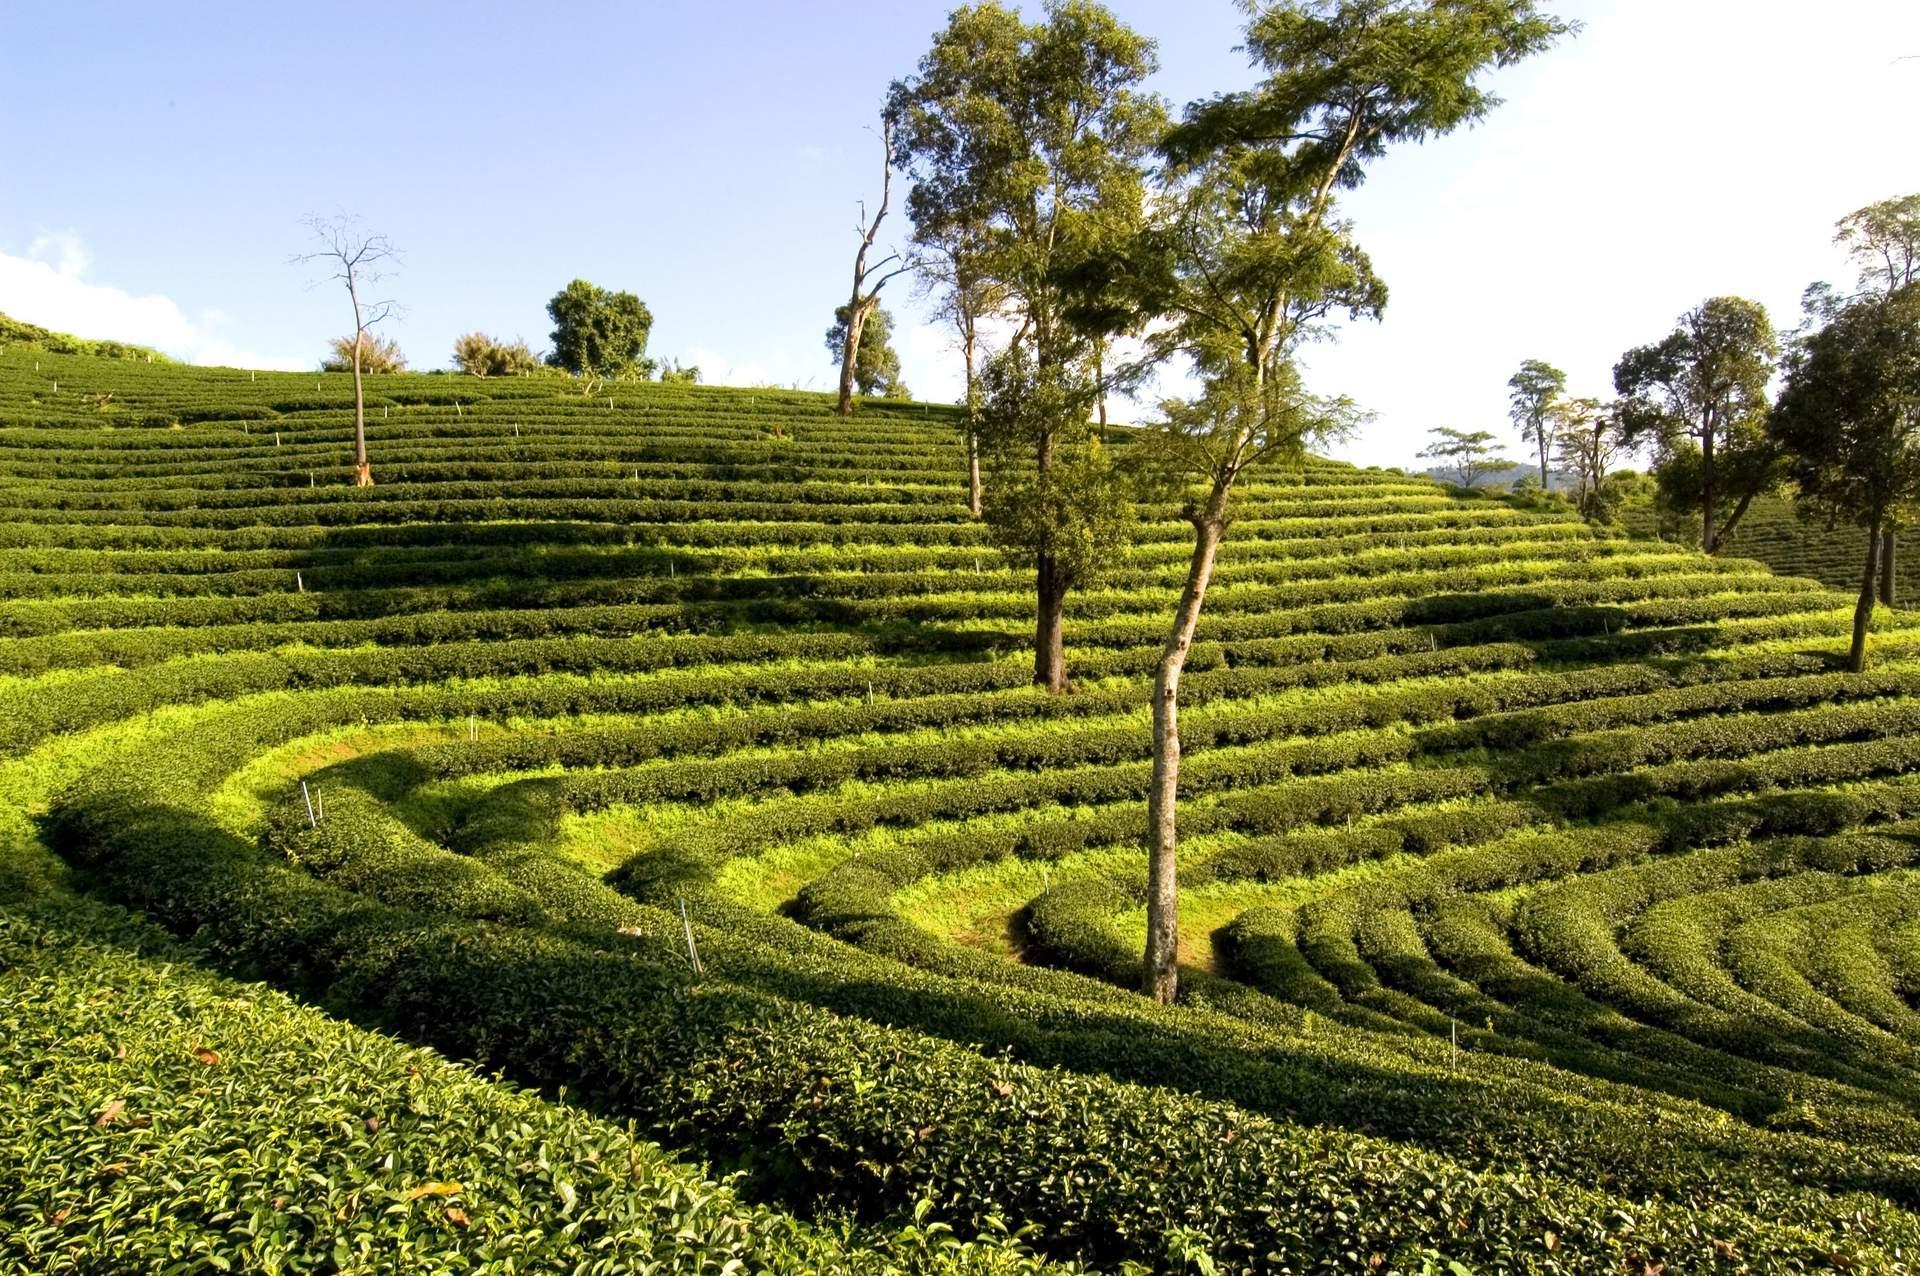 Thailand: Chiang Rai